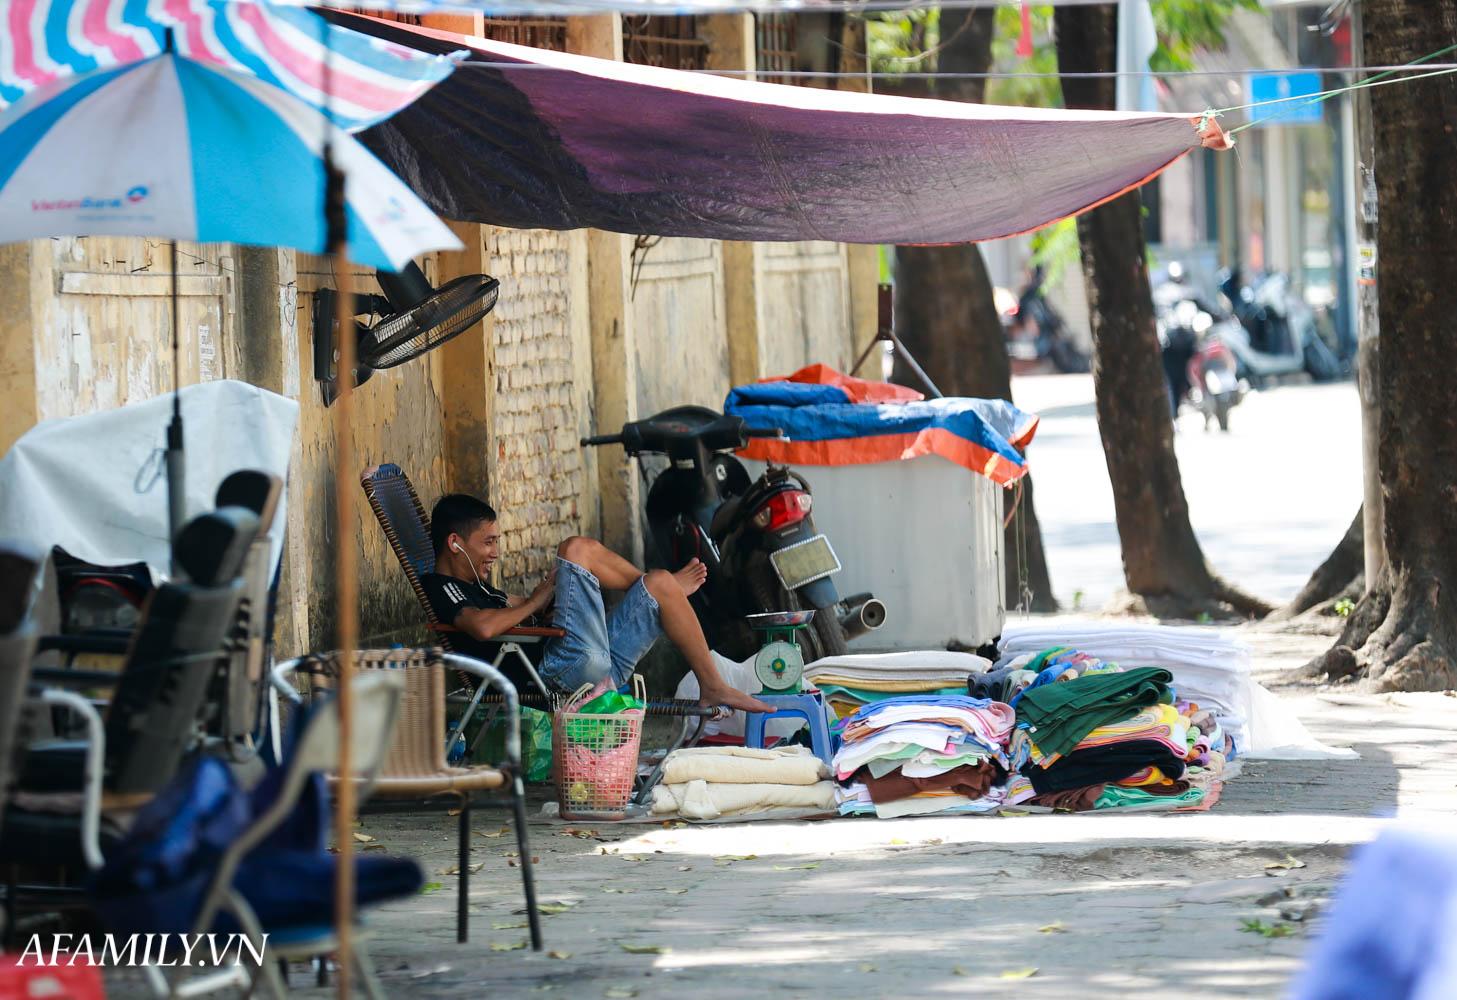 Người Hà Nội vất vả tìm mọi nơi, thử mọi cách để trốn cái nắng cực gay gắt có nơi lên đến 40 độ - Ảnh 10.